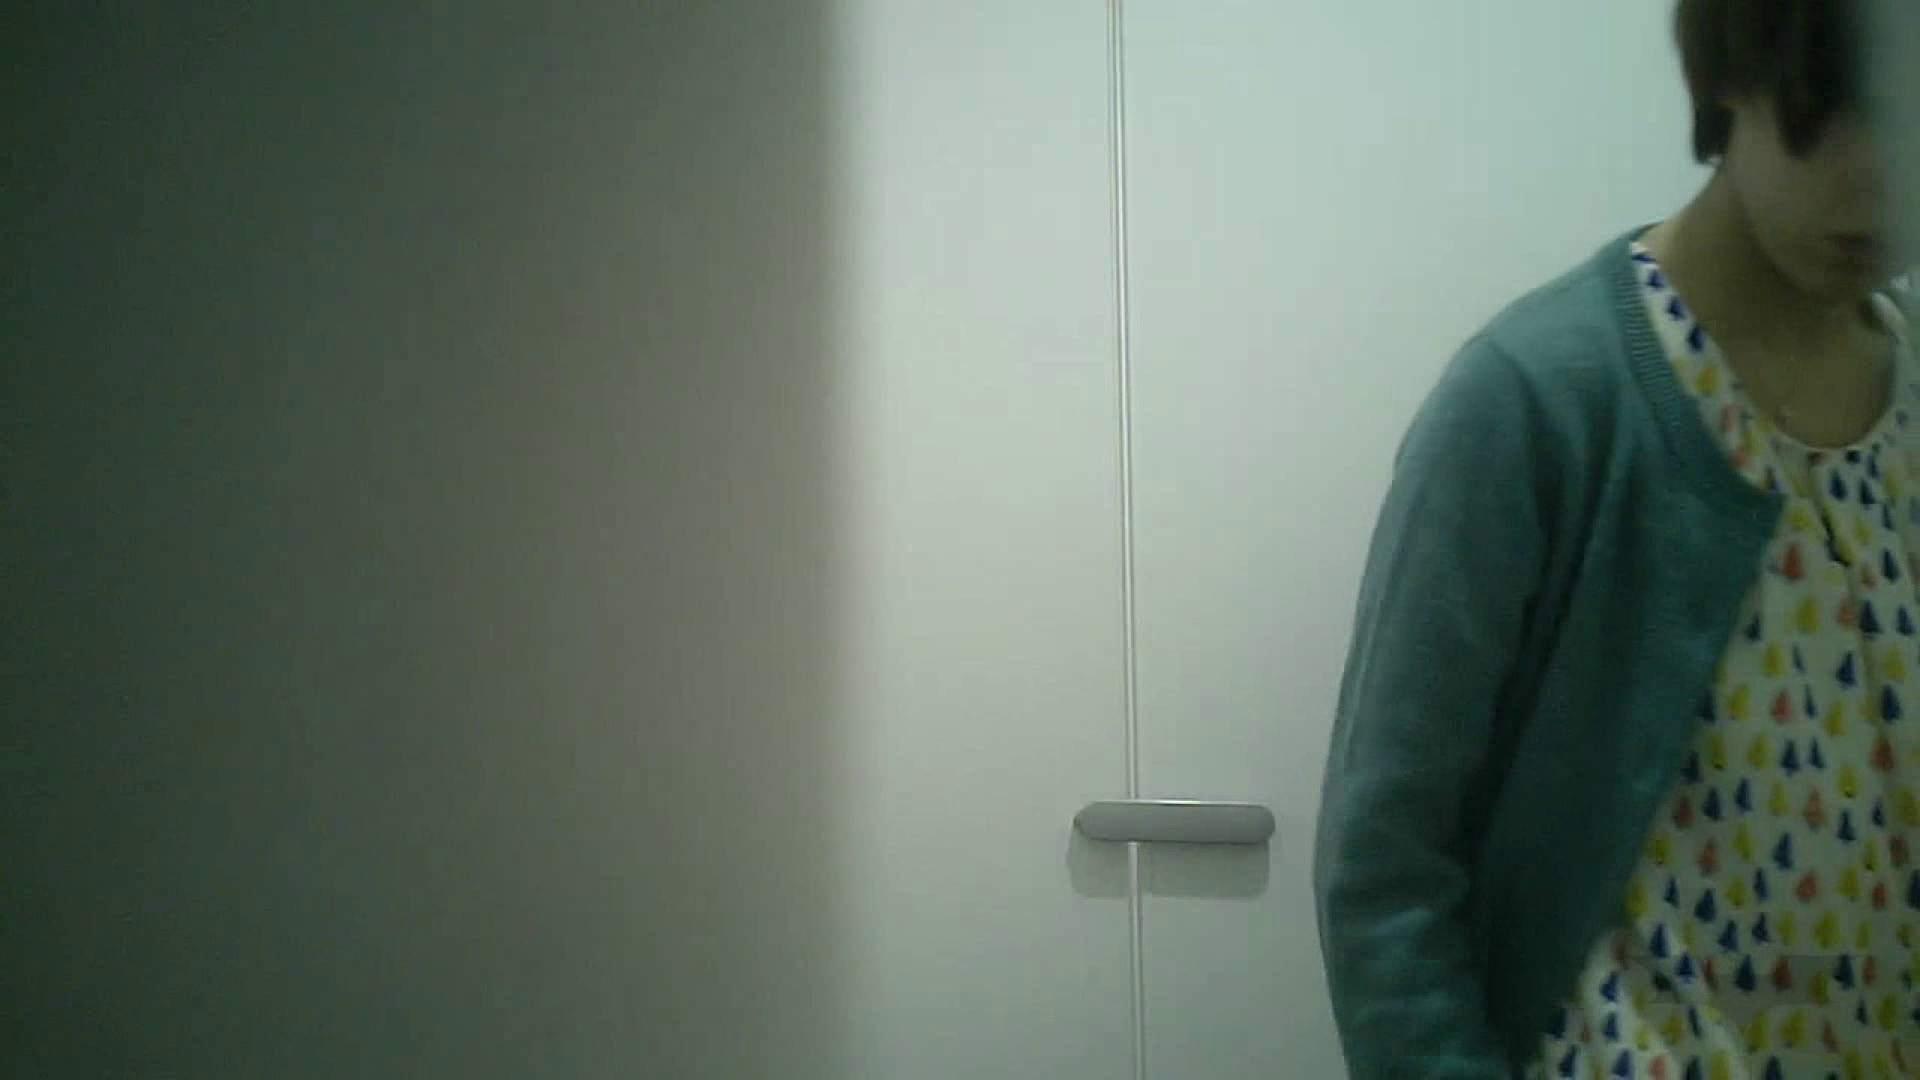 有名大学女性洗面所 vol.36 すっごい「ほじって」ます。 OLの実態 盗撮ヌード画像 44pic 38